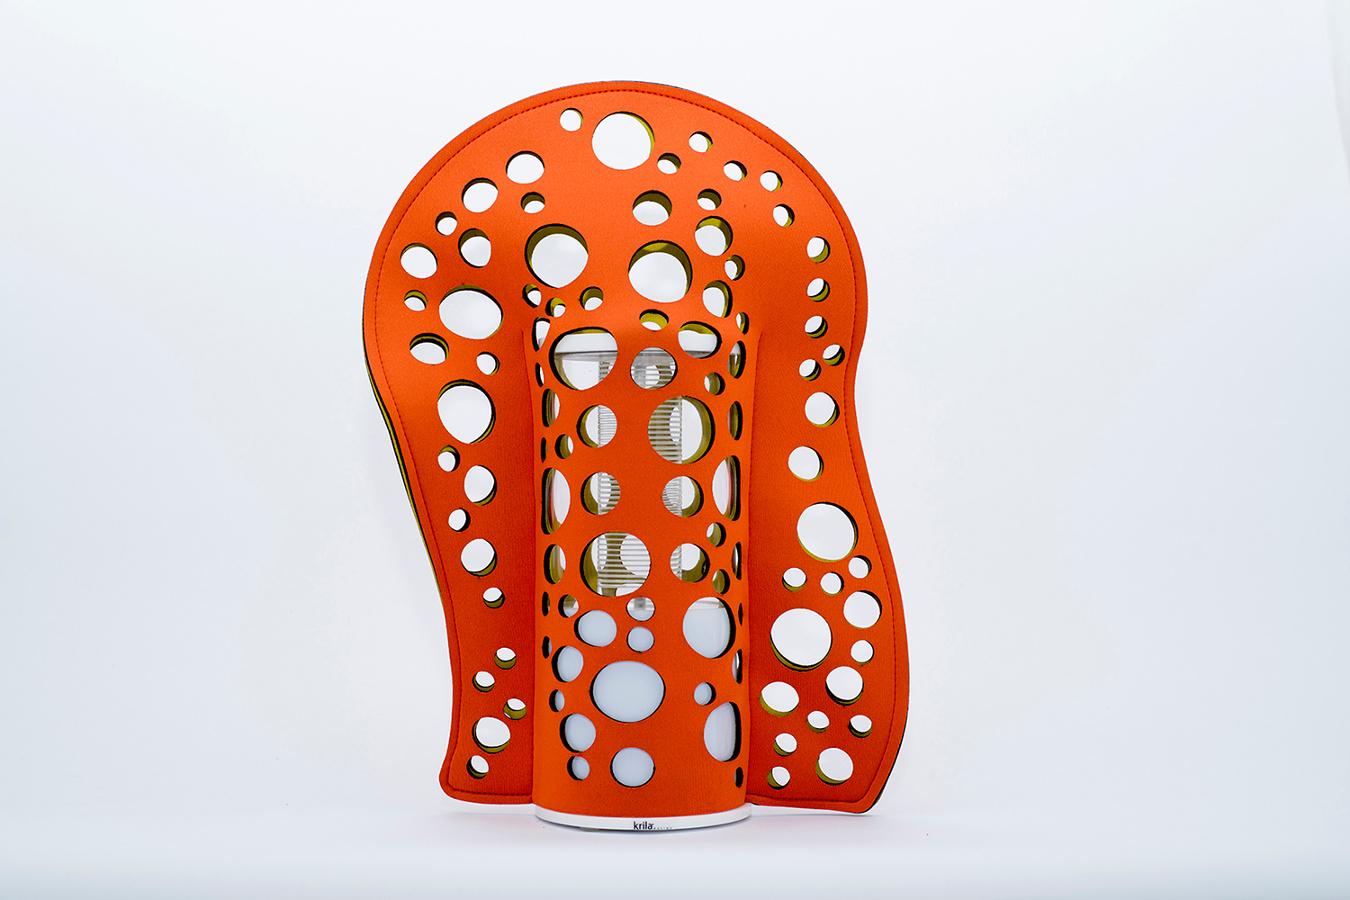 MeMe-2-Tischleuchten-kriladesign | MeMe-2-Tischleuchten-kriladesign (5)